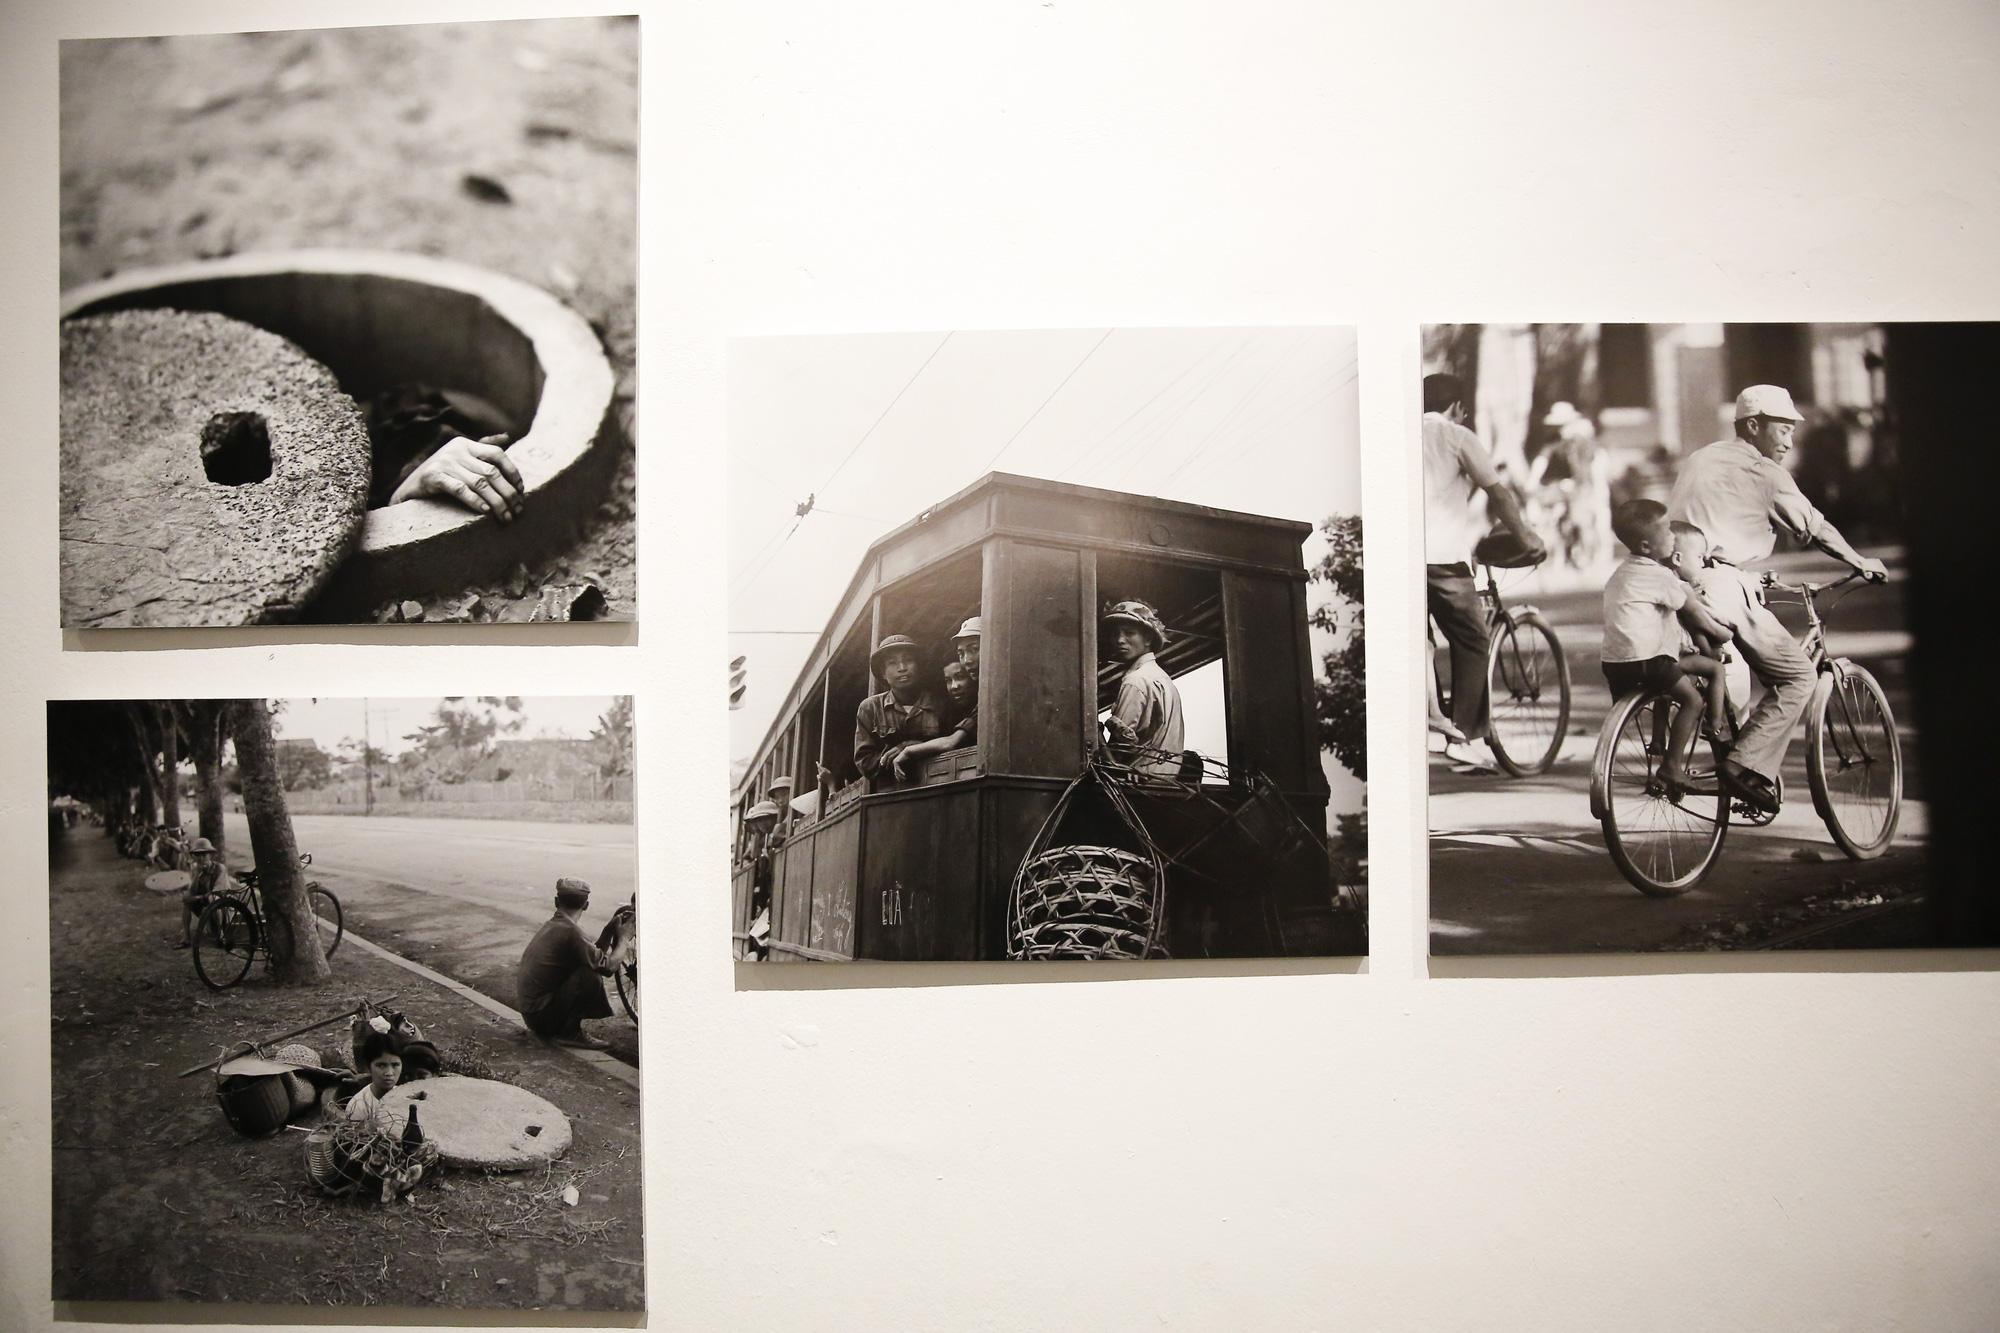 Đại sứ Đức tại Việt Nam tham dự triển lãm ảnh đặc biệt về Hà Nội - Ảnh 15.